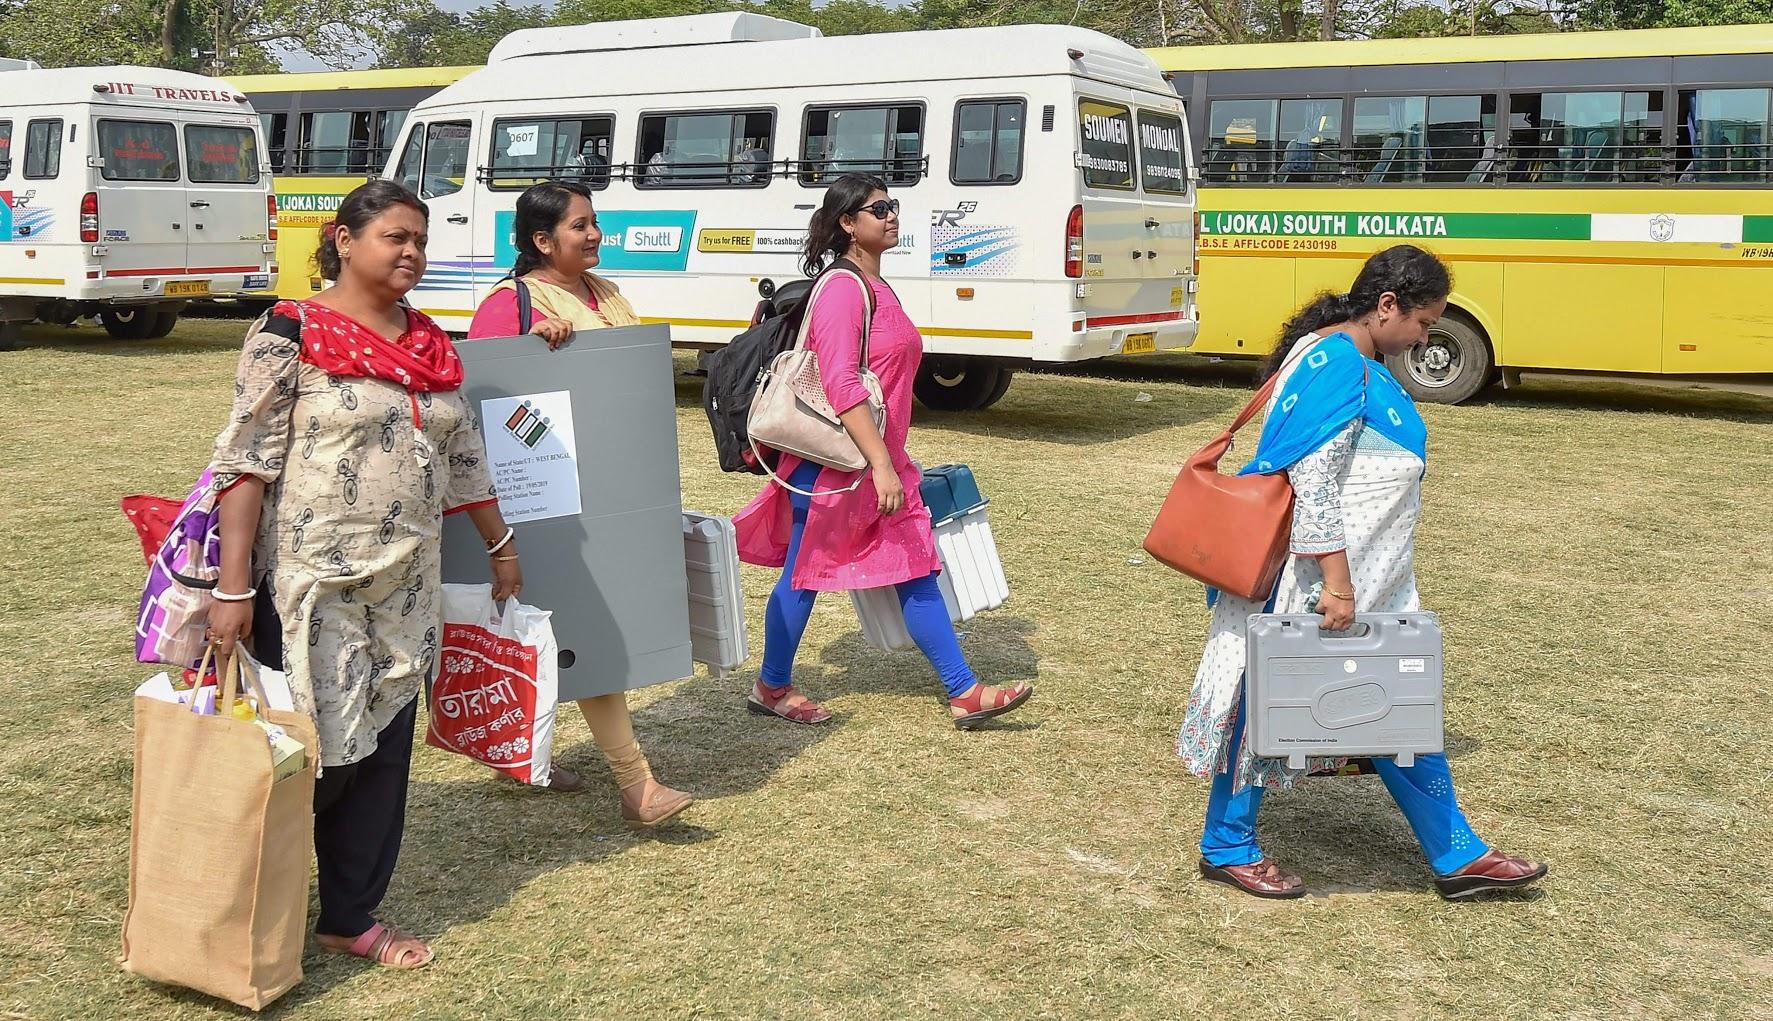 लोकसभा निवडणुकीसाठी यावेळी निवडणूक आयोगाने 40 लाख EVMचा वापर केला. जेणेकरून 90 कोटी भारतीय मतदार कोणत्याही अडचणीशिवाय मतदान करु शकतील. 2019च्या निवडणुकीत 60 कोटी मतदारांनी मतदानाचा हक्का बजावला.